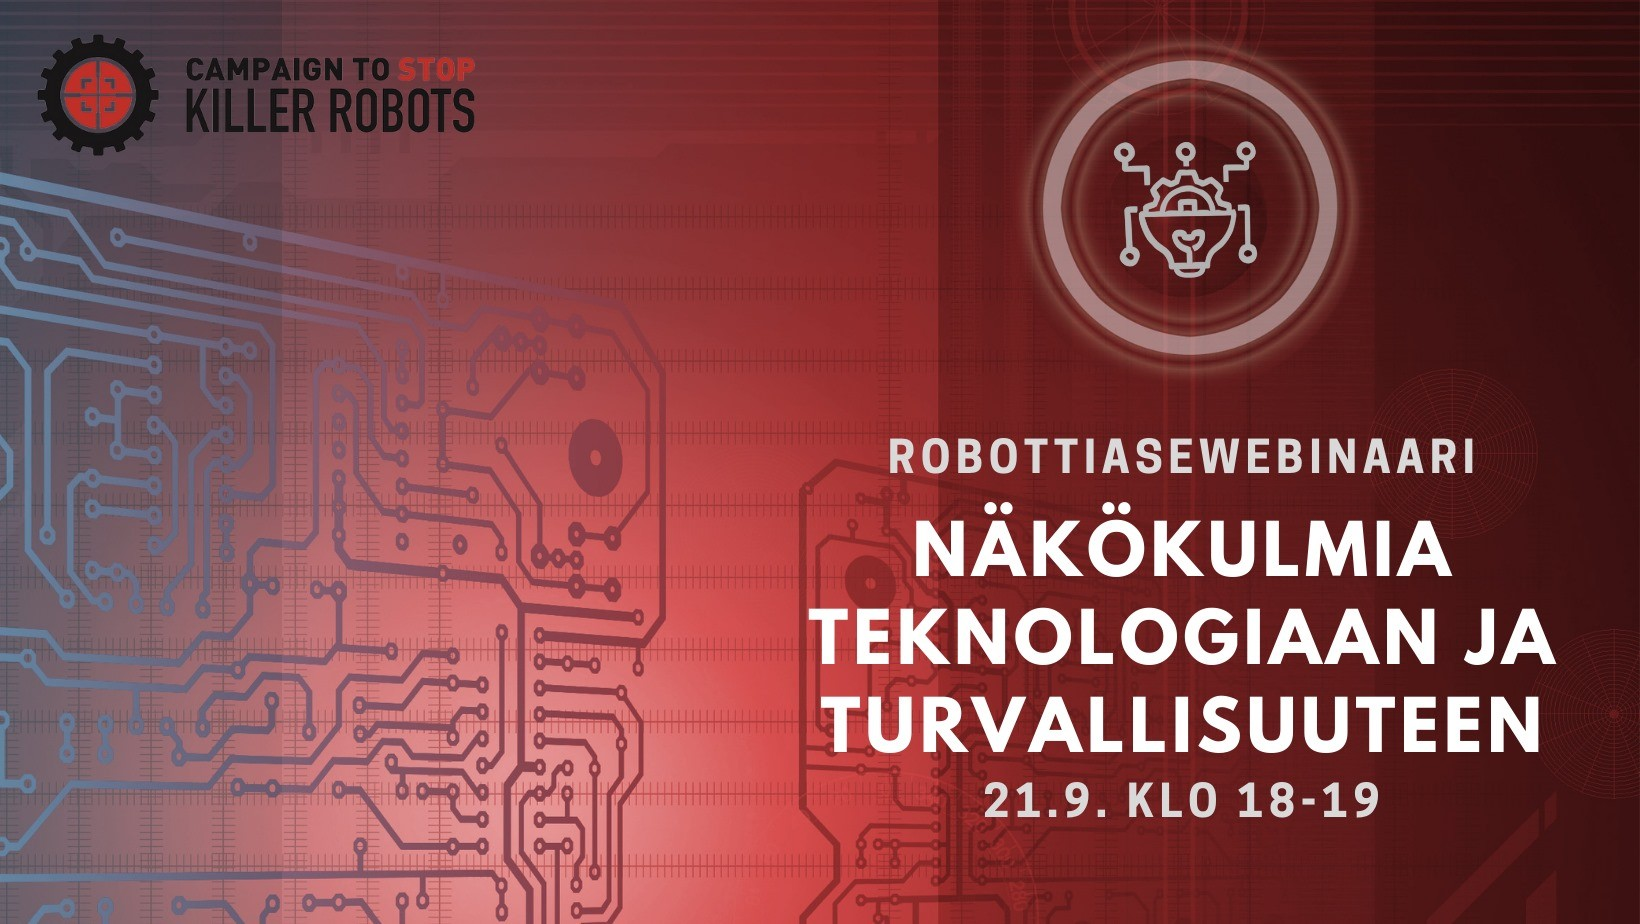 Robottiasewebinaari: näkökulmia teknologiaan ja turvallisuuteen